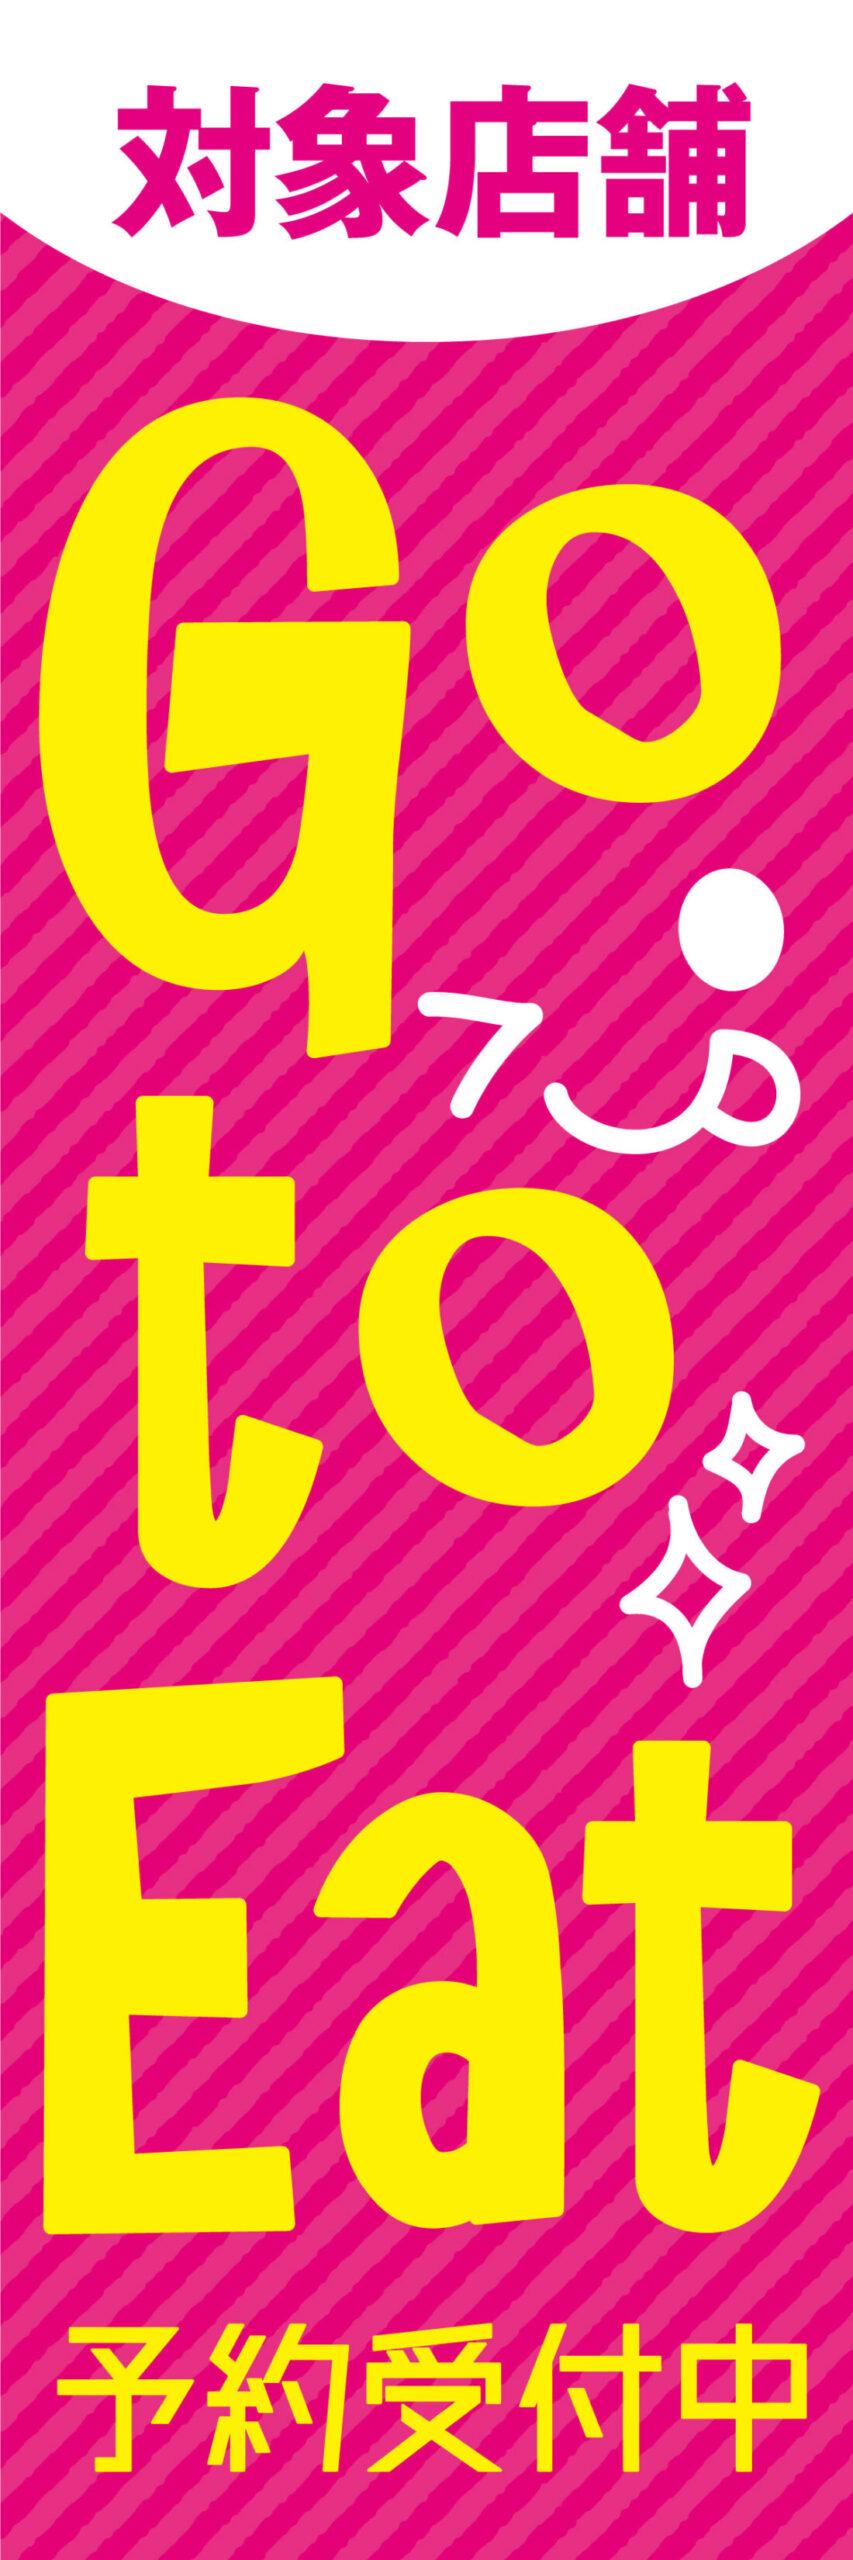 gotoeat(ゴートゥーイート)5